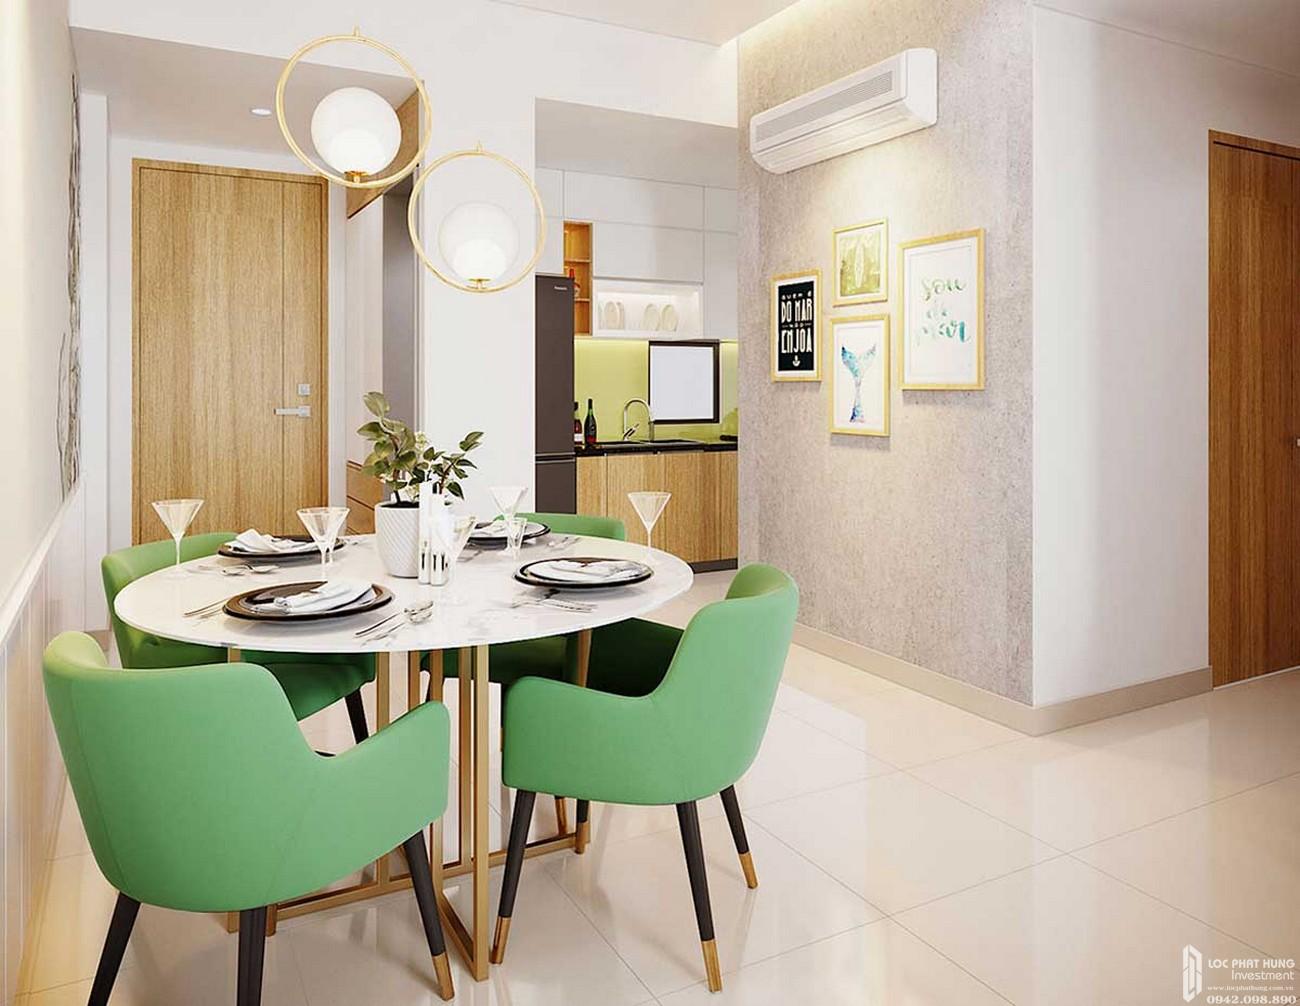 Bàn ăn căn hộ Icon Plaza Thuận An Bình Dương